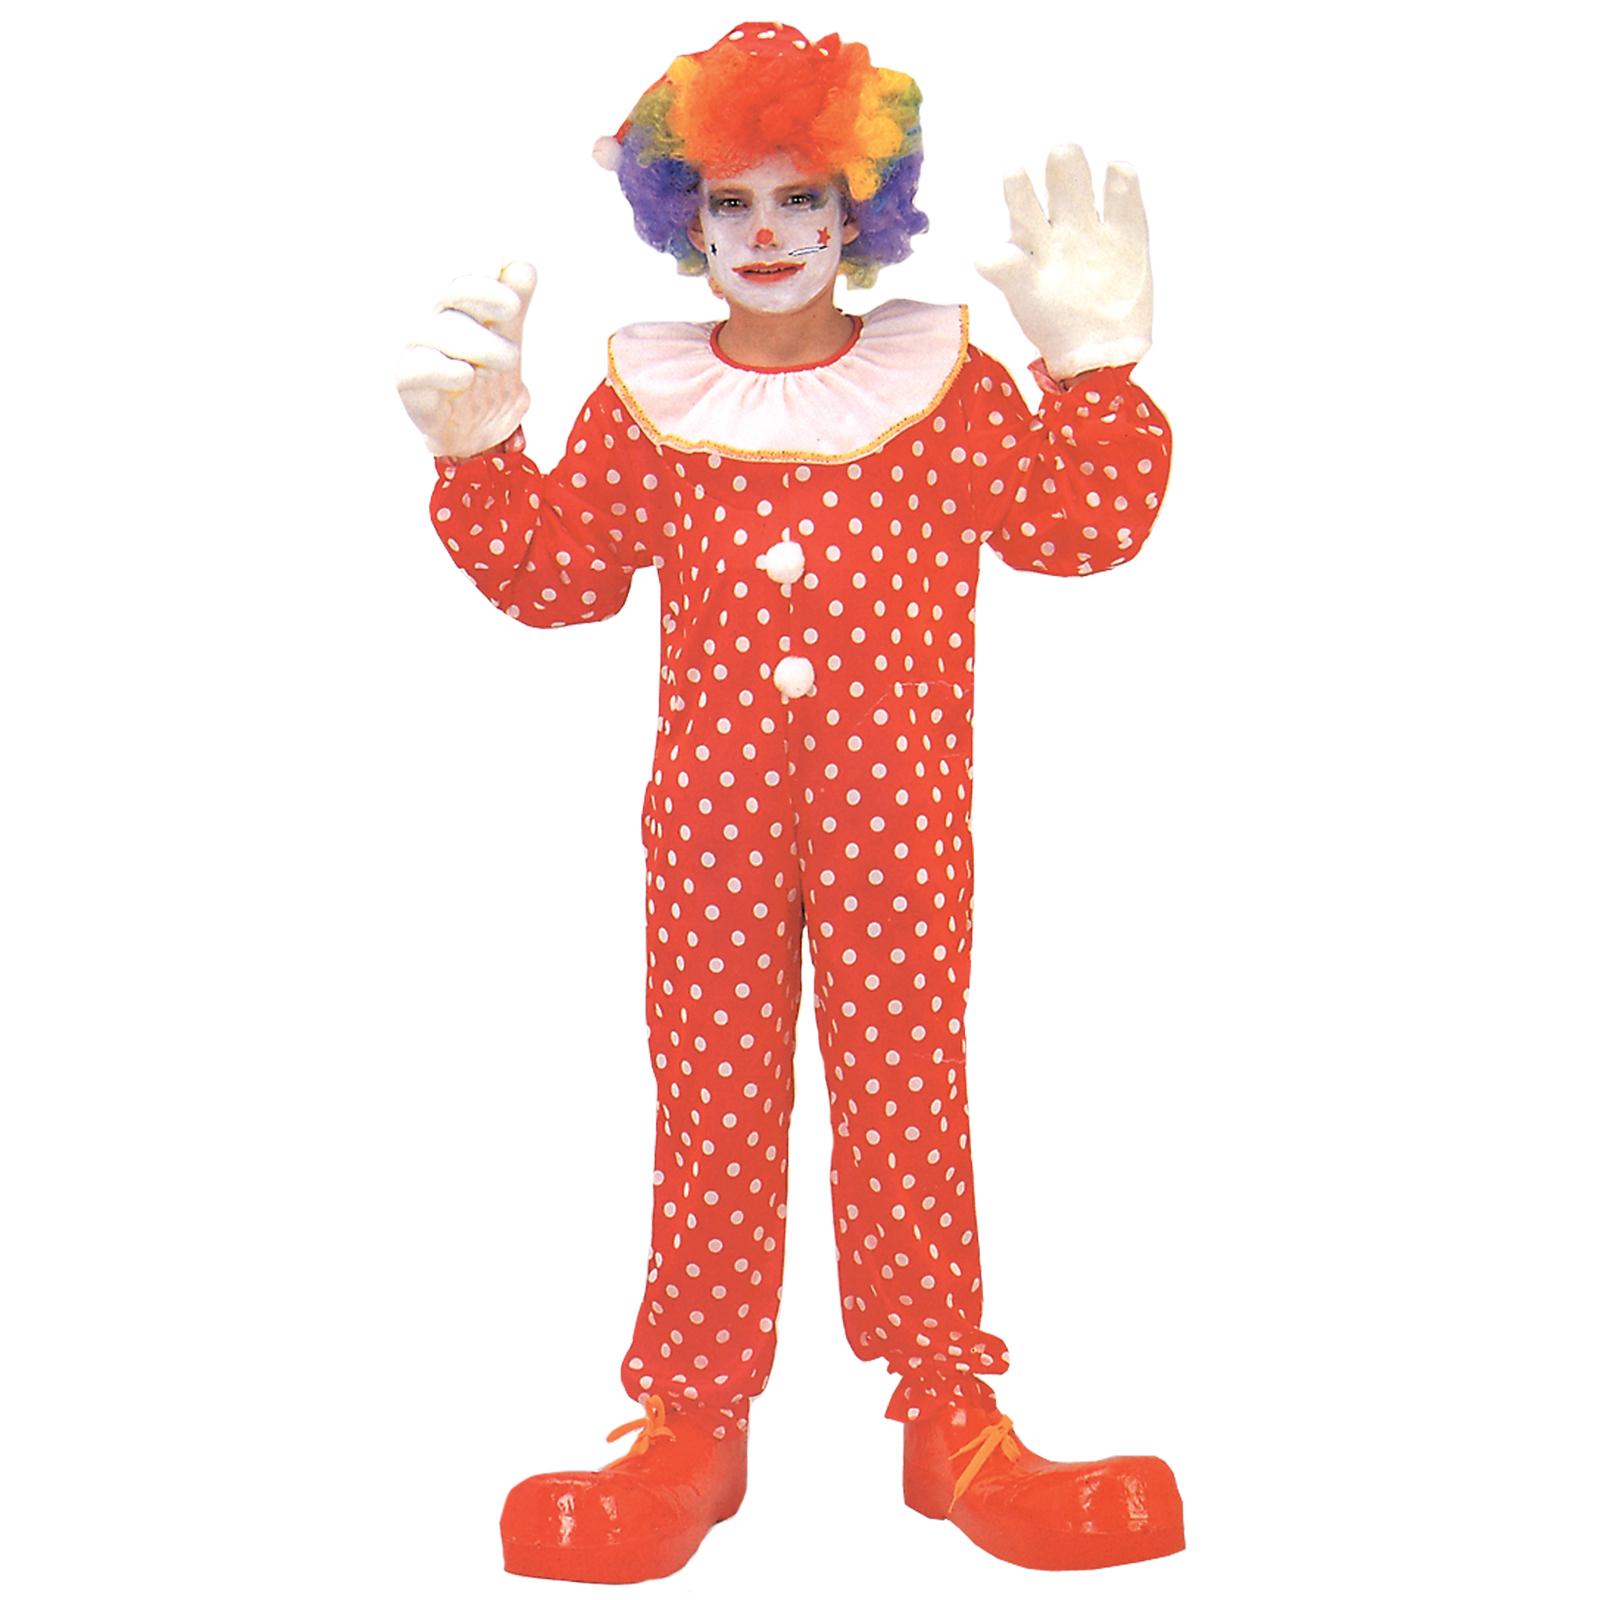 sc 1 st  Kmart & Boyu0027s Deluxe Clown Costume